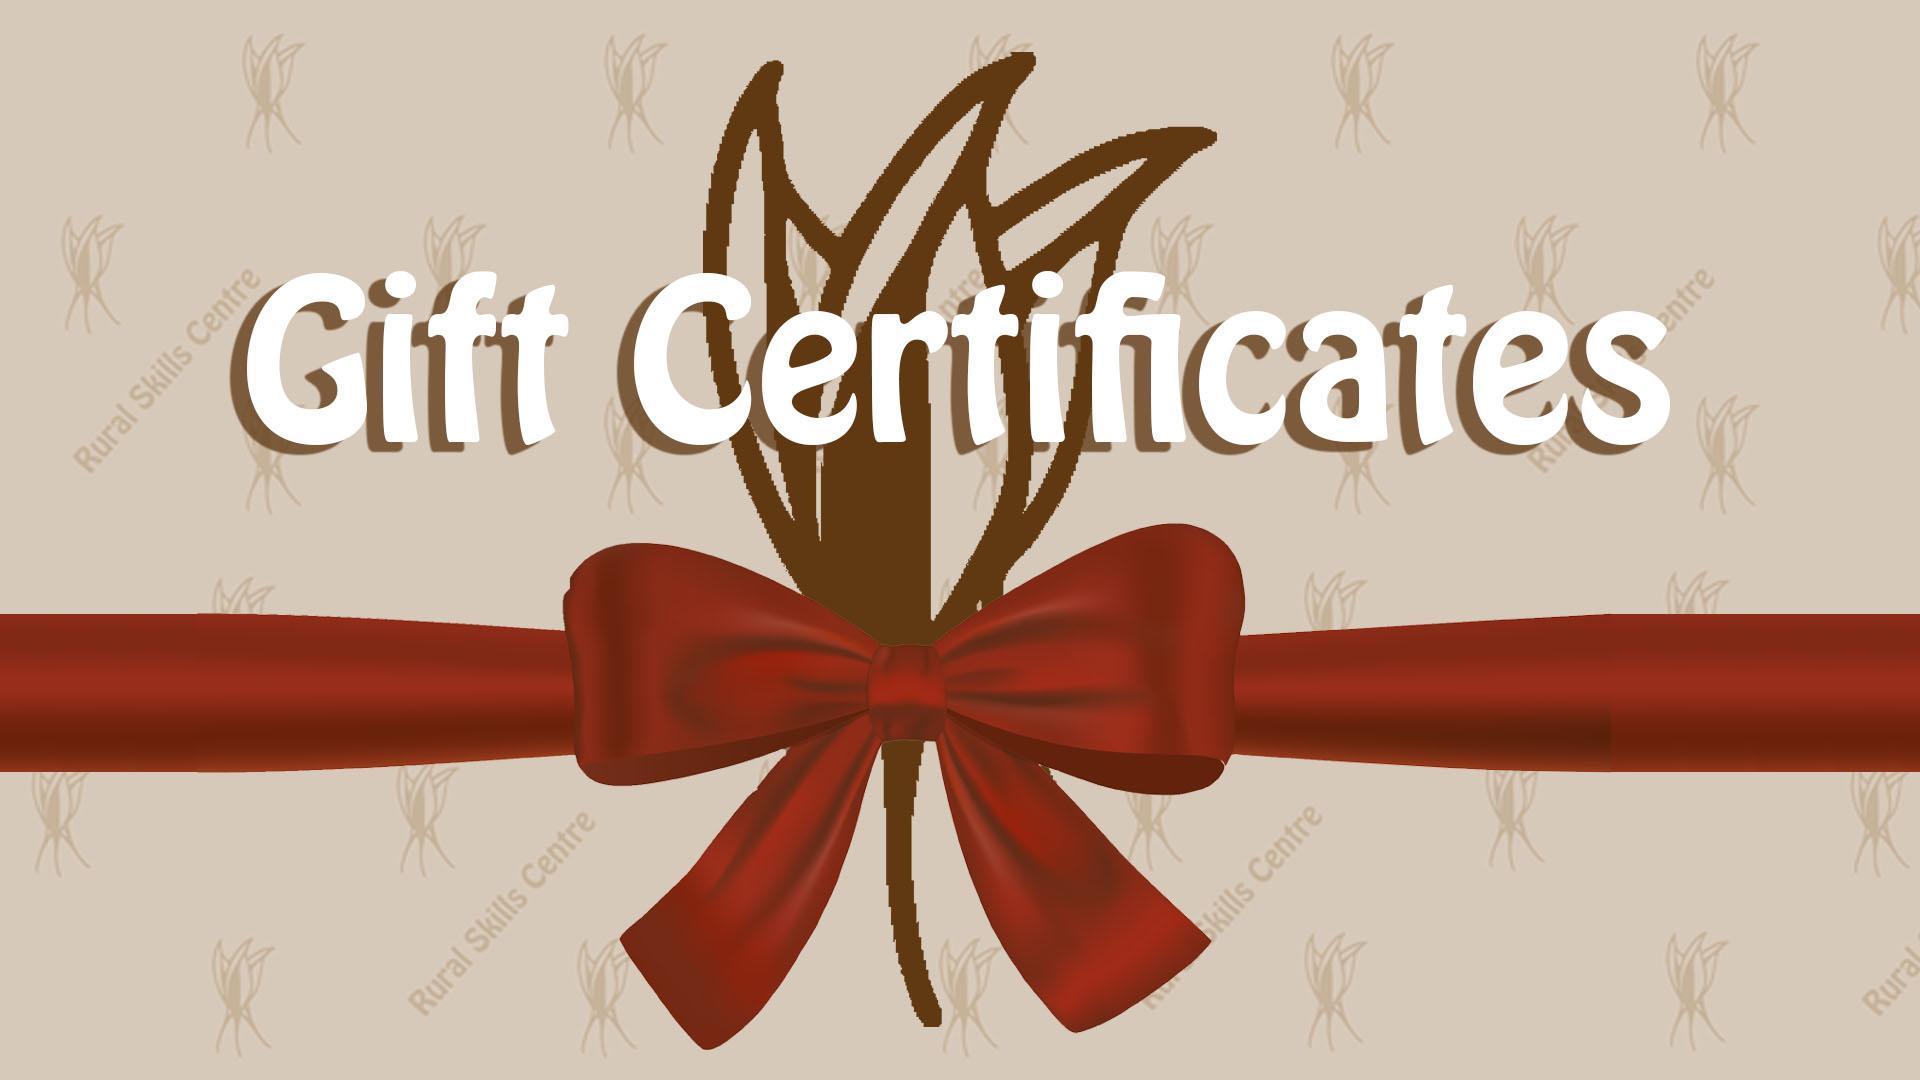 Gift Certificates Slide 1